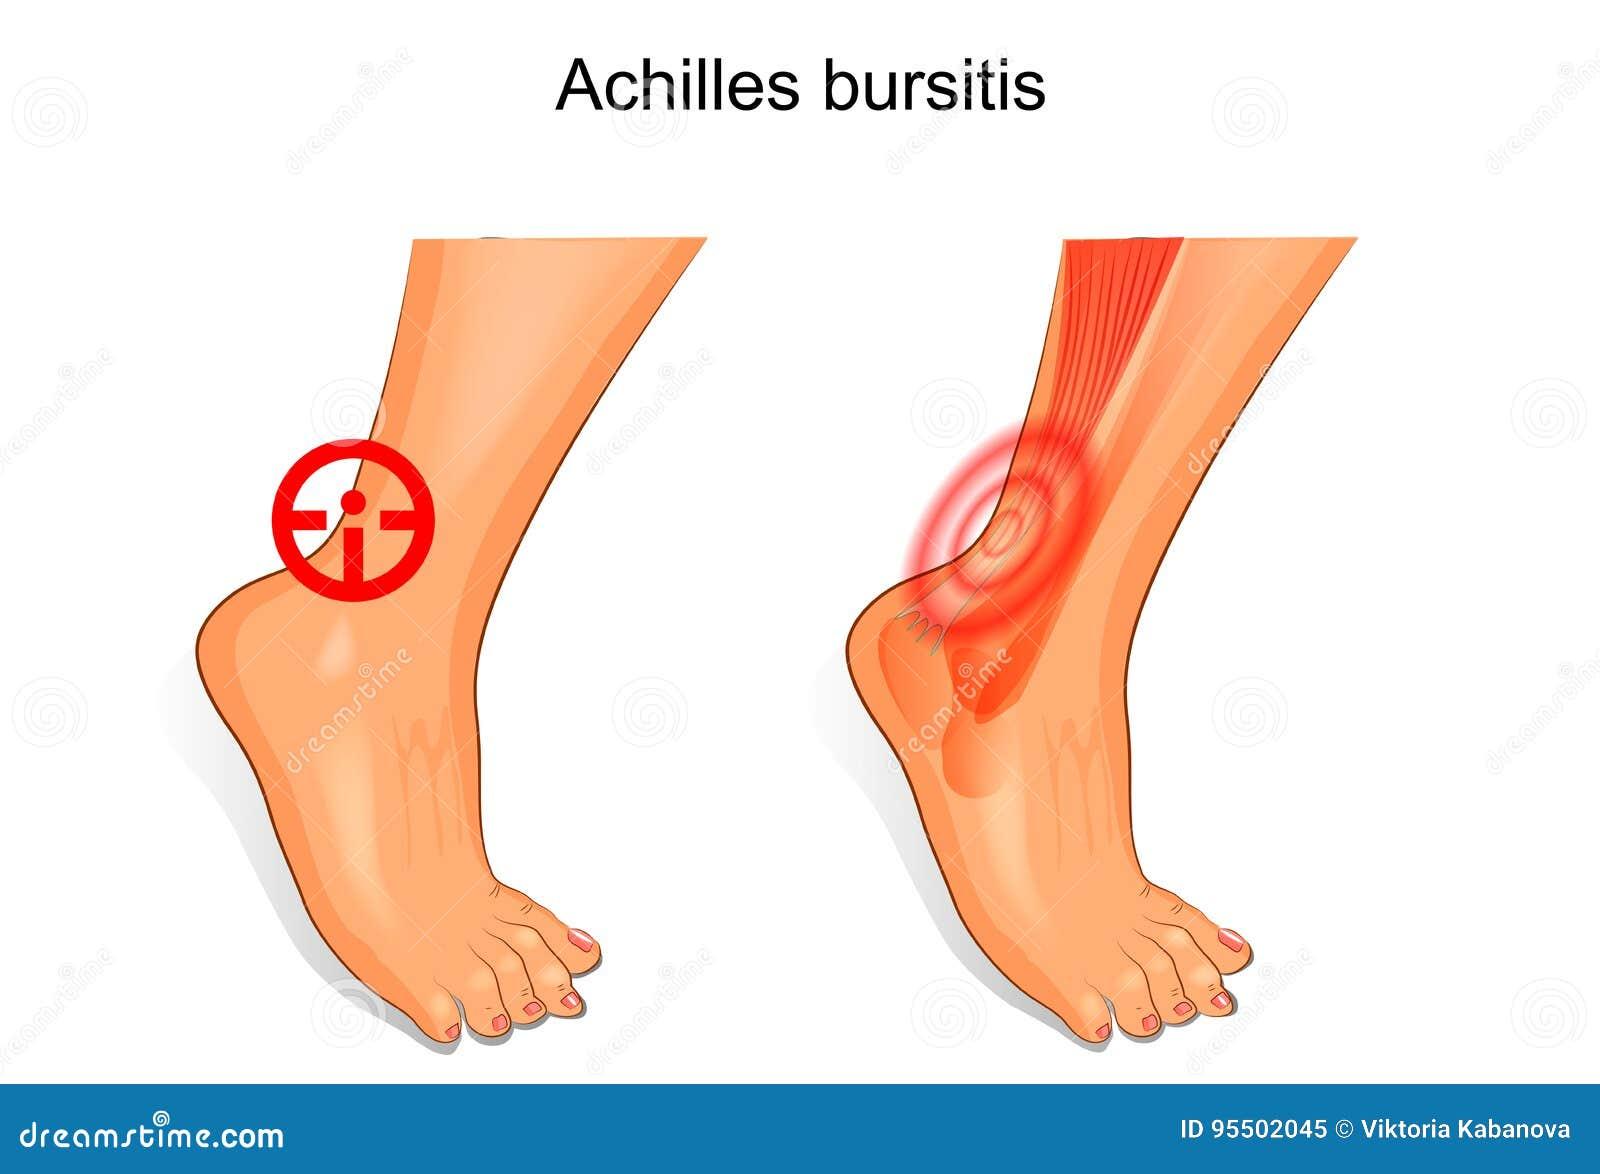 Best Shoes For Achilles Tendon Bursitis